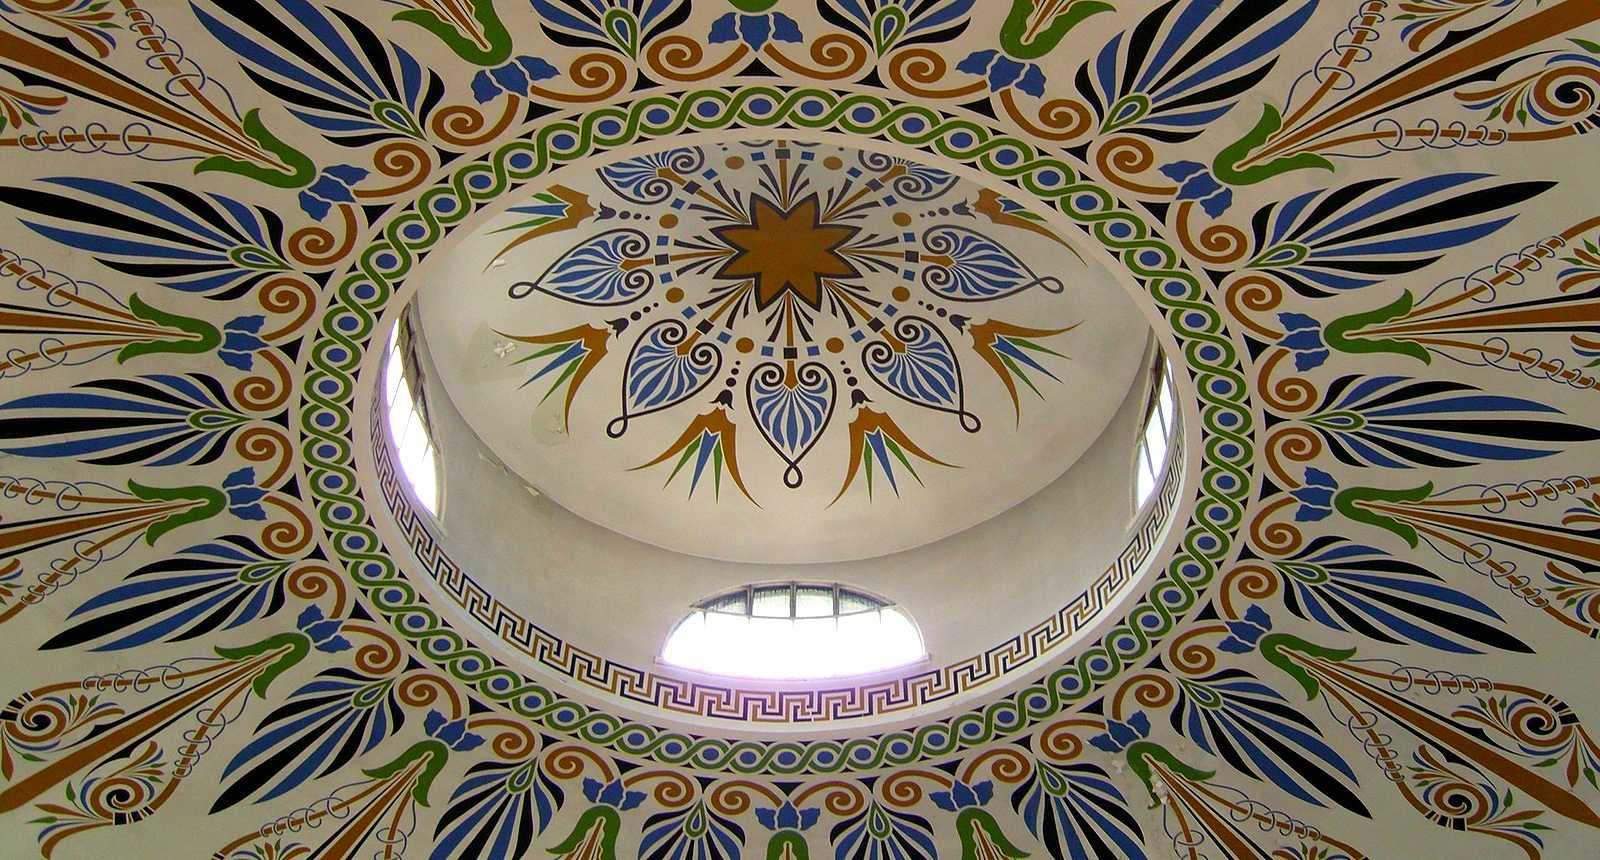 Détail du plafond du Pavillon du Verdurier à Limoges